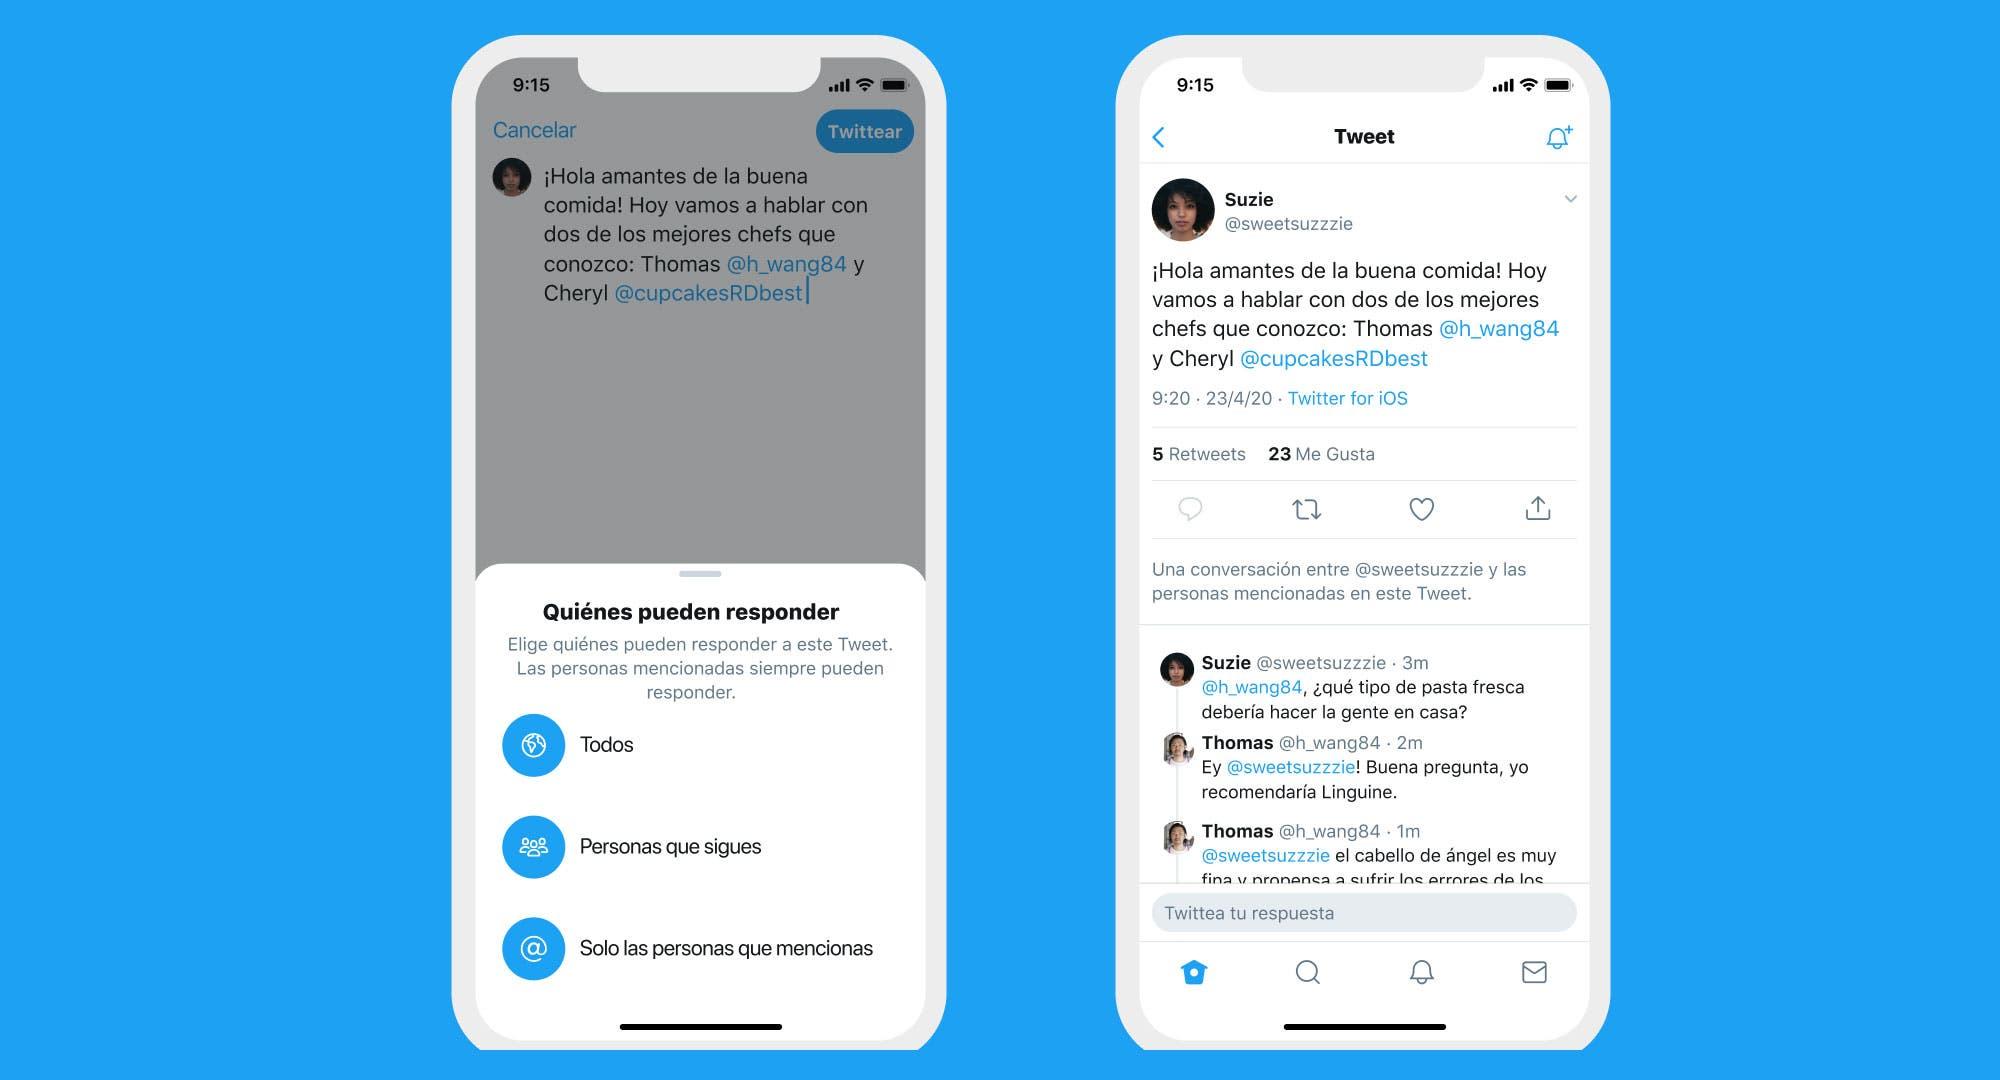 Conversación limitada: Twitter ahora permite elegir quién puede responder un tuit